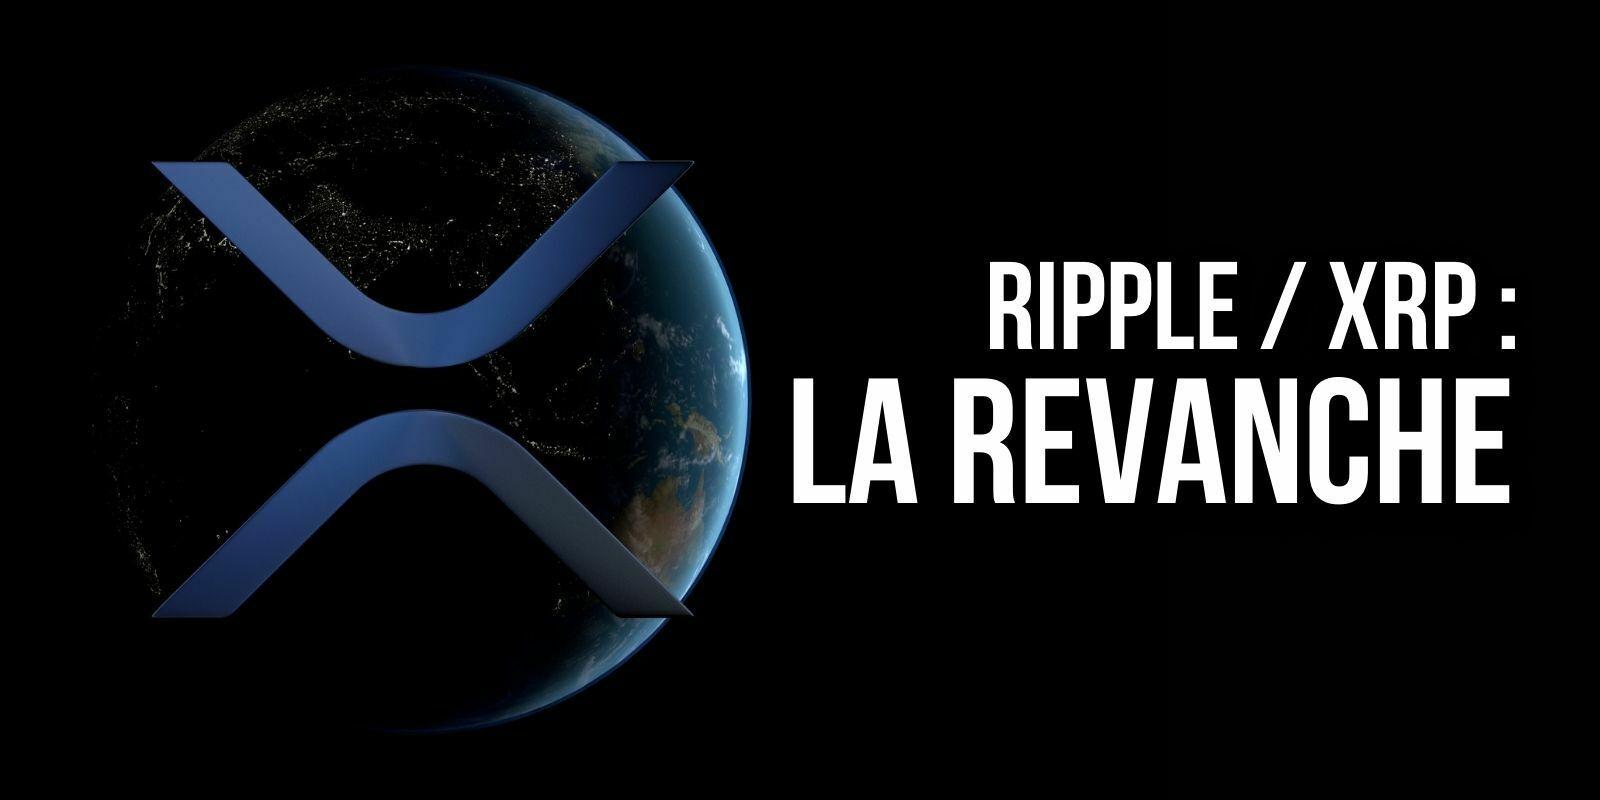 Le XRP de nouveau à 1 dollar – L'actif de Ripple redevient la 4e crypto la plus capitalisée